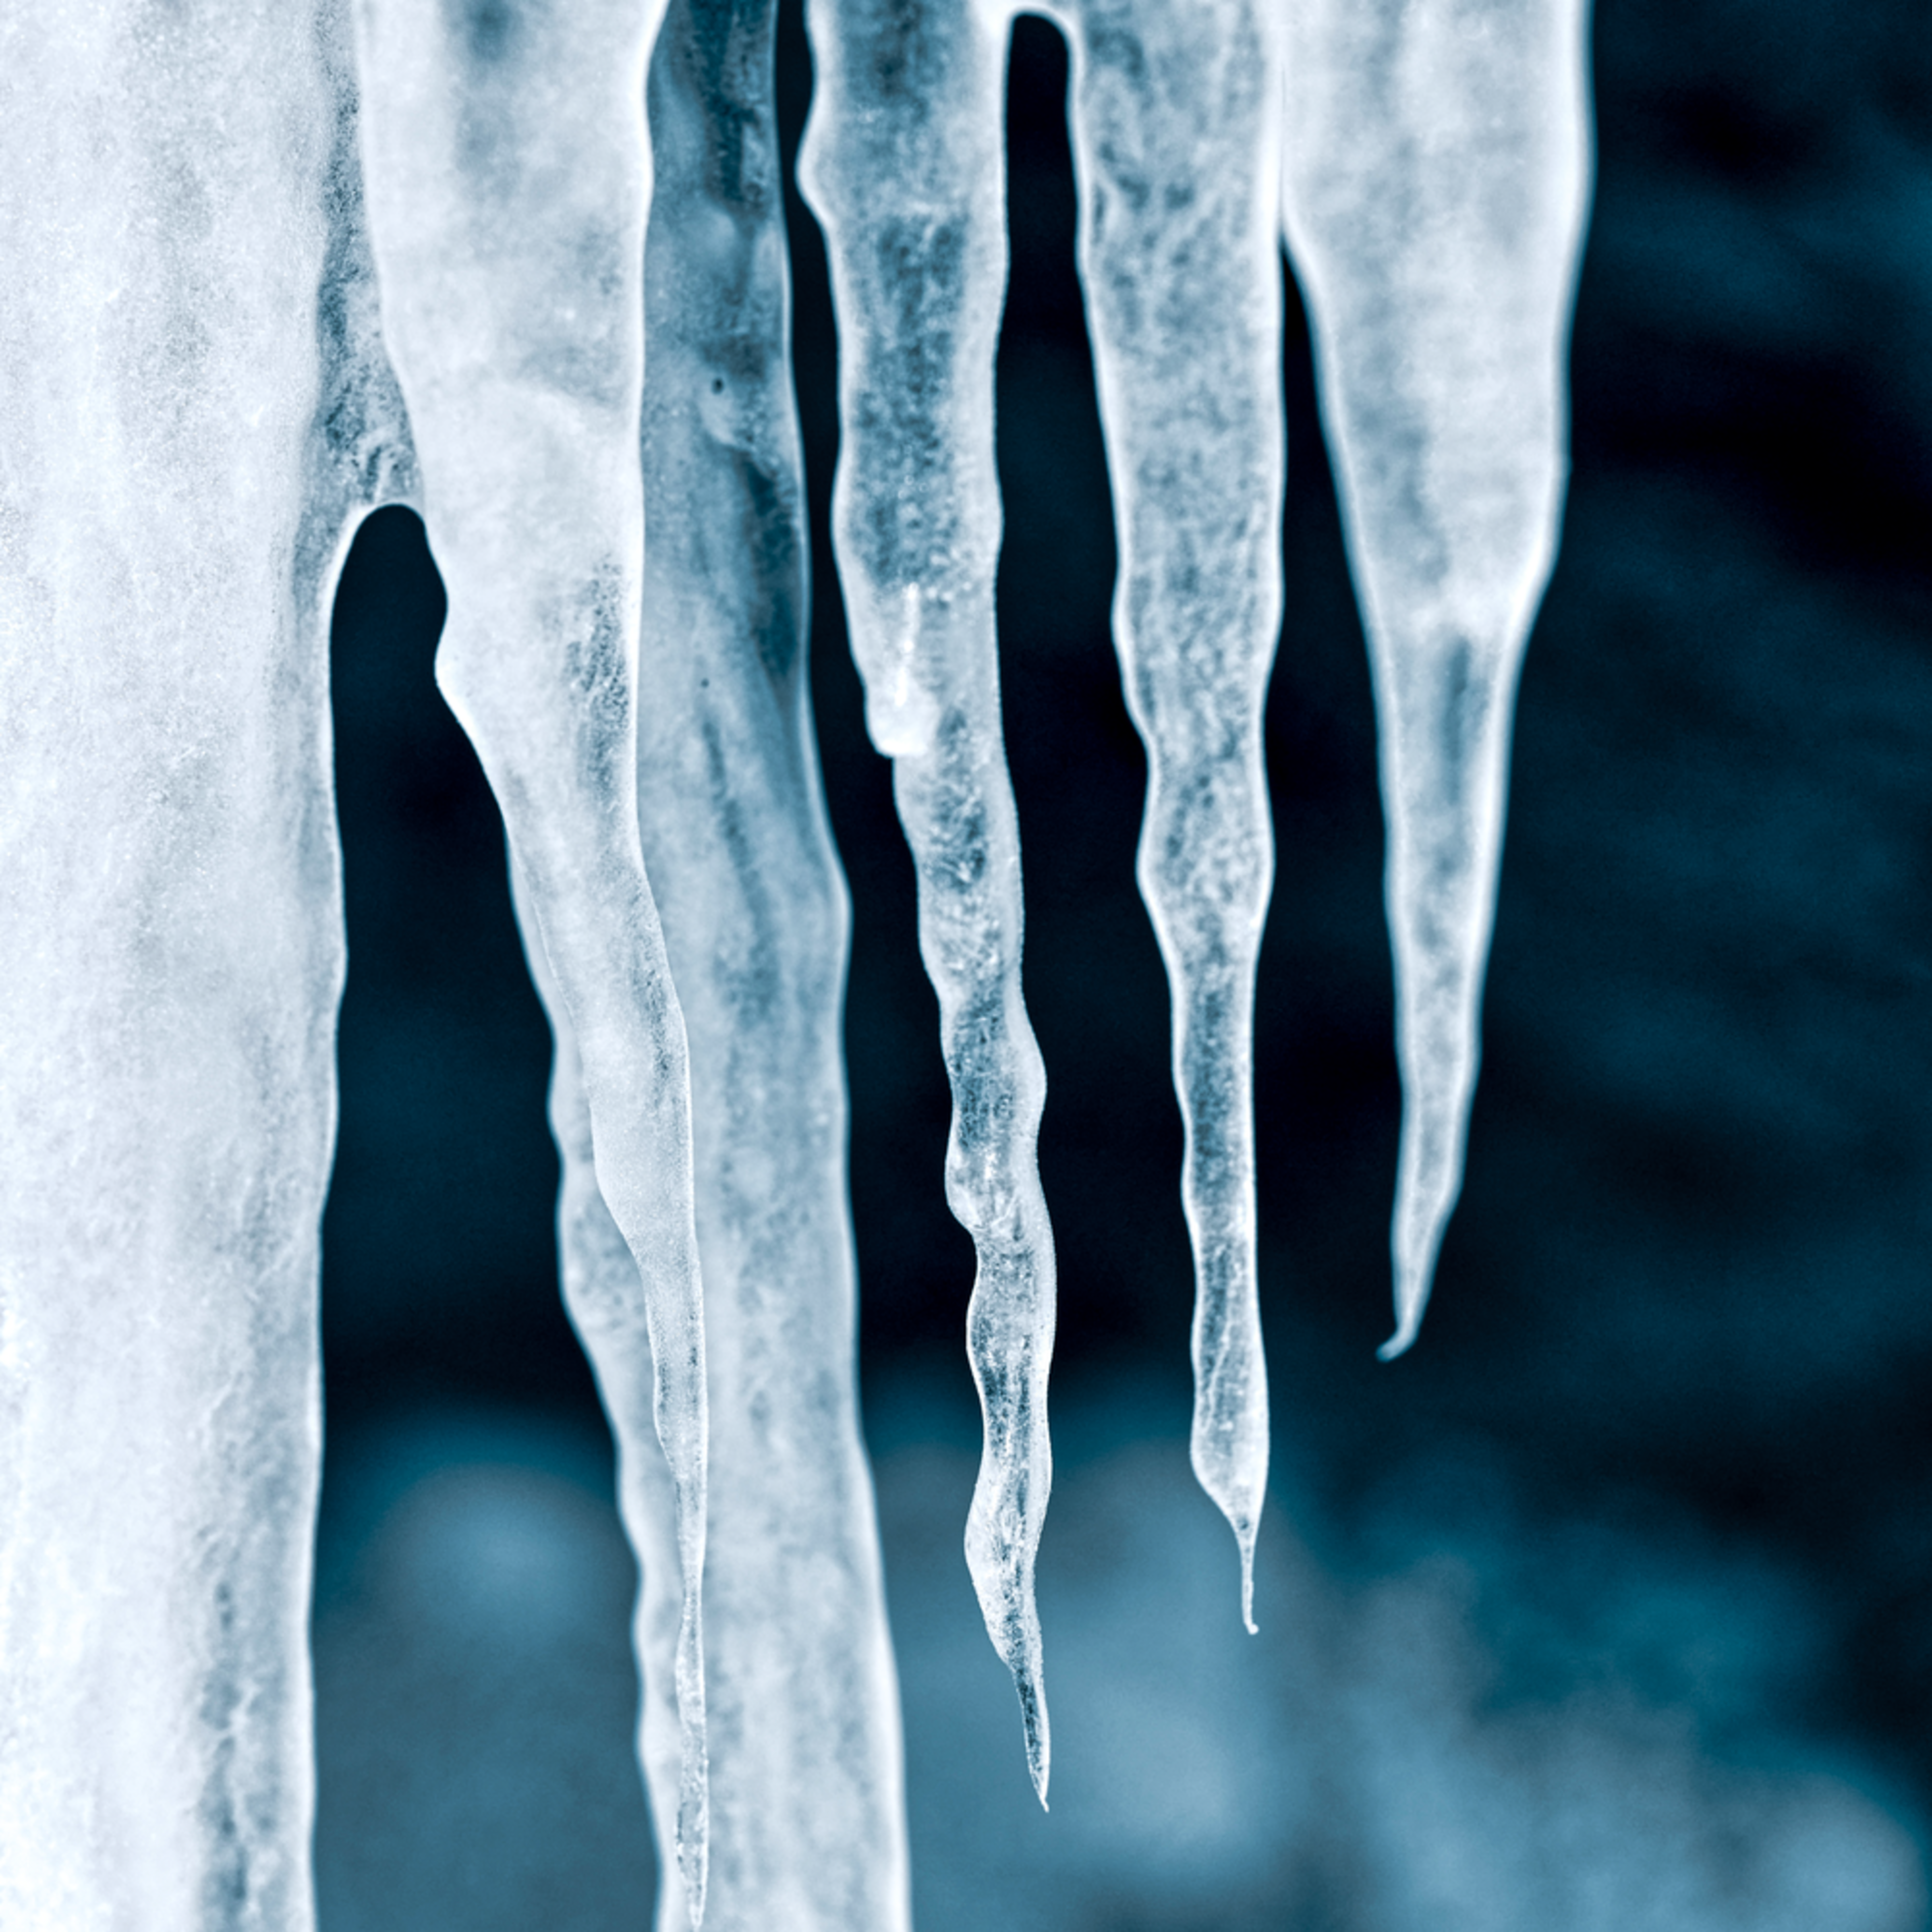 Aqua icicles 3x2 v ez1uy5